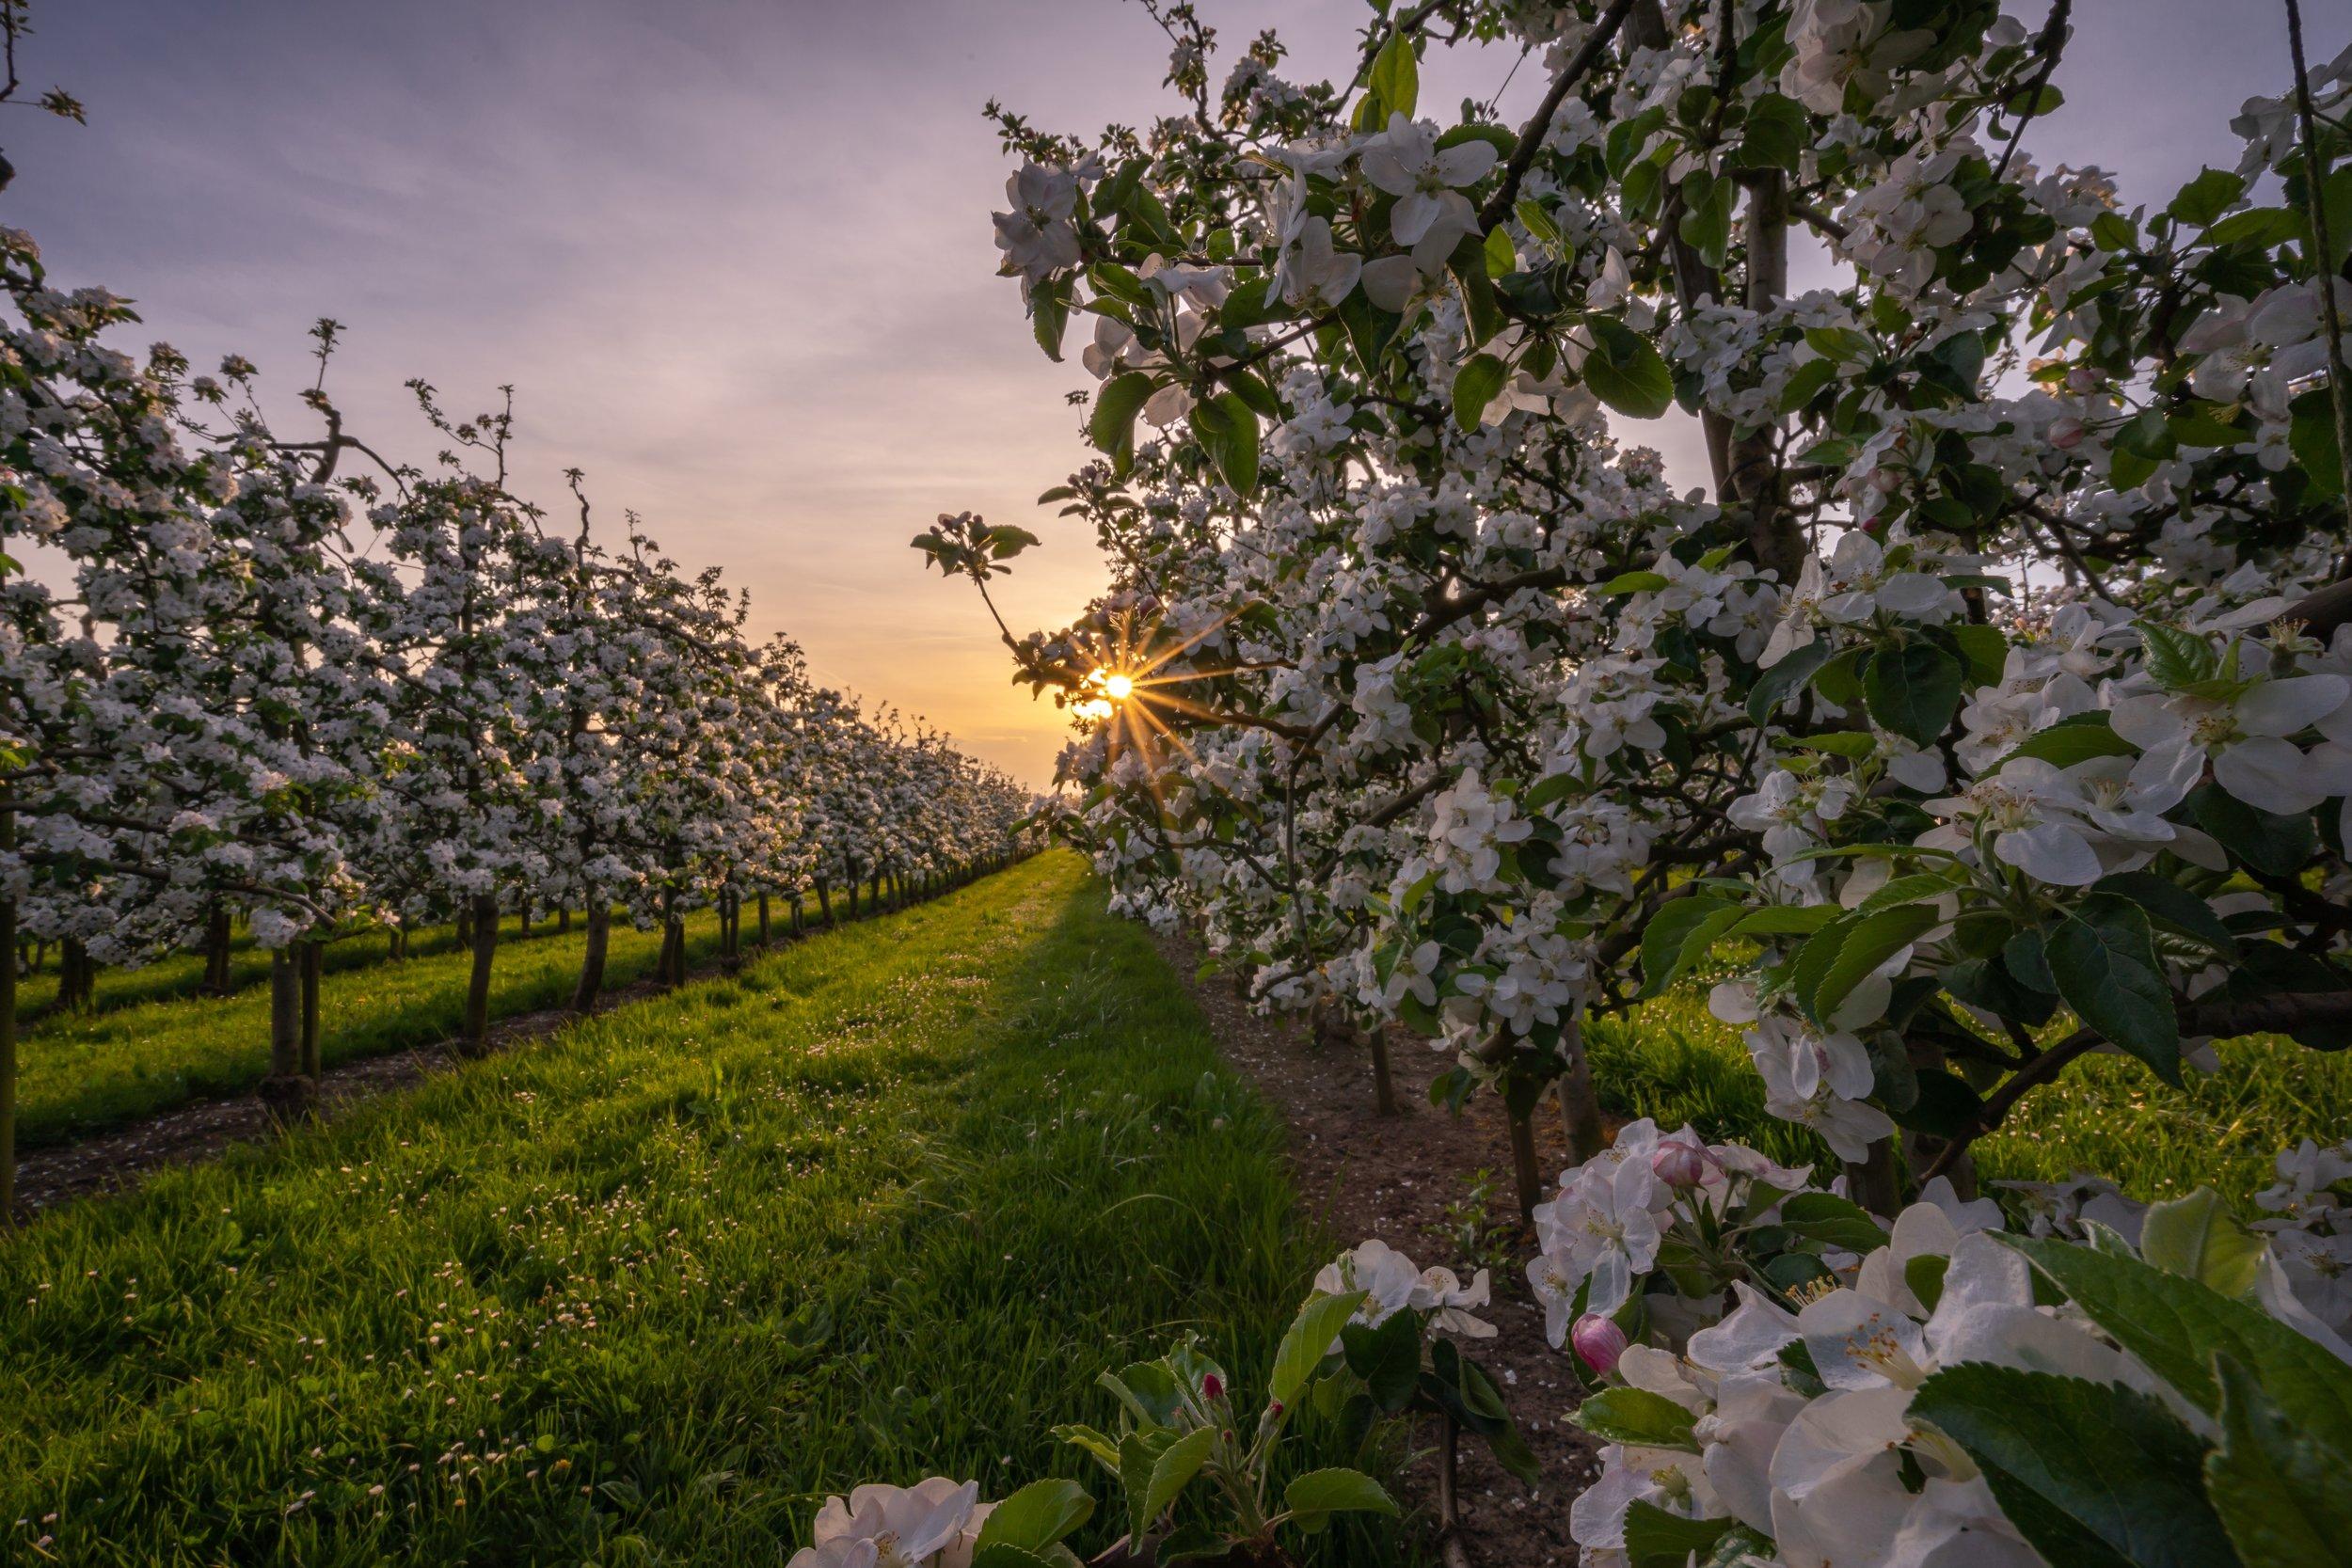 9. Mount Hood Orchards - Mount Hood, WA